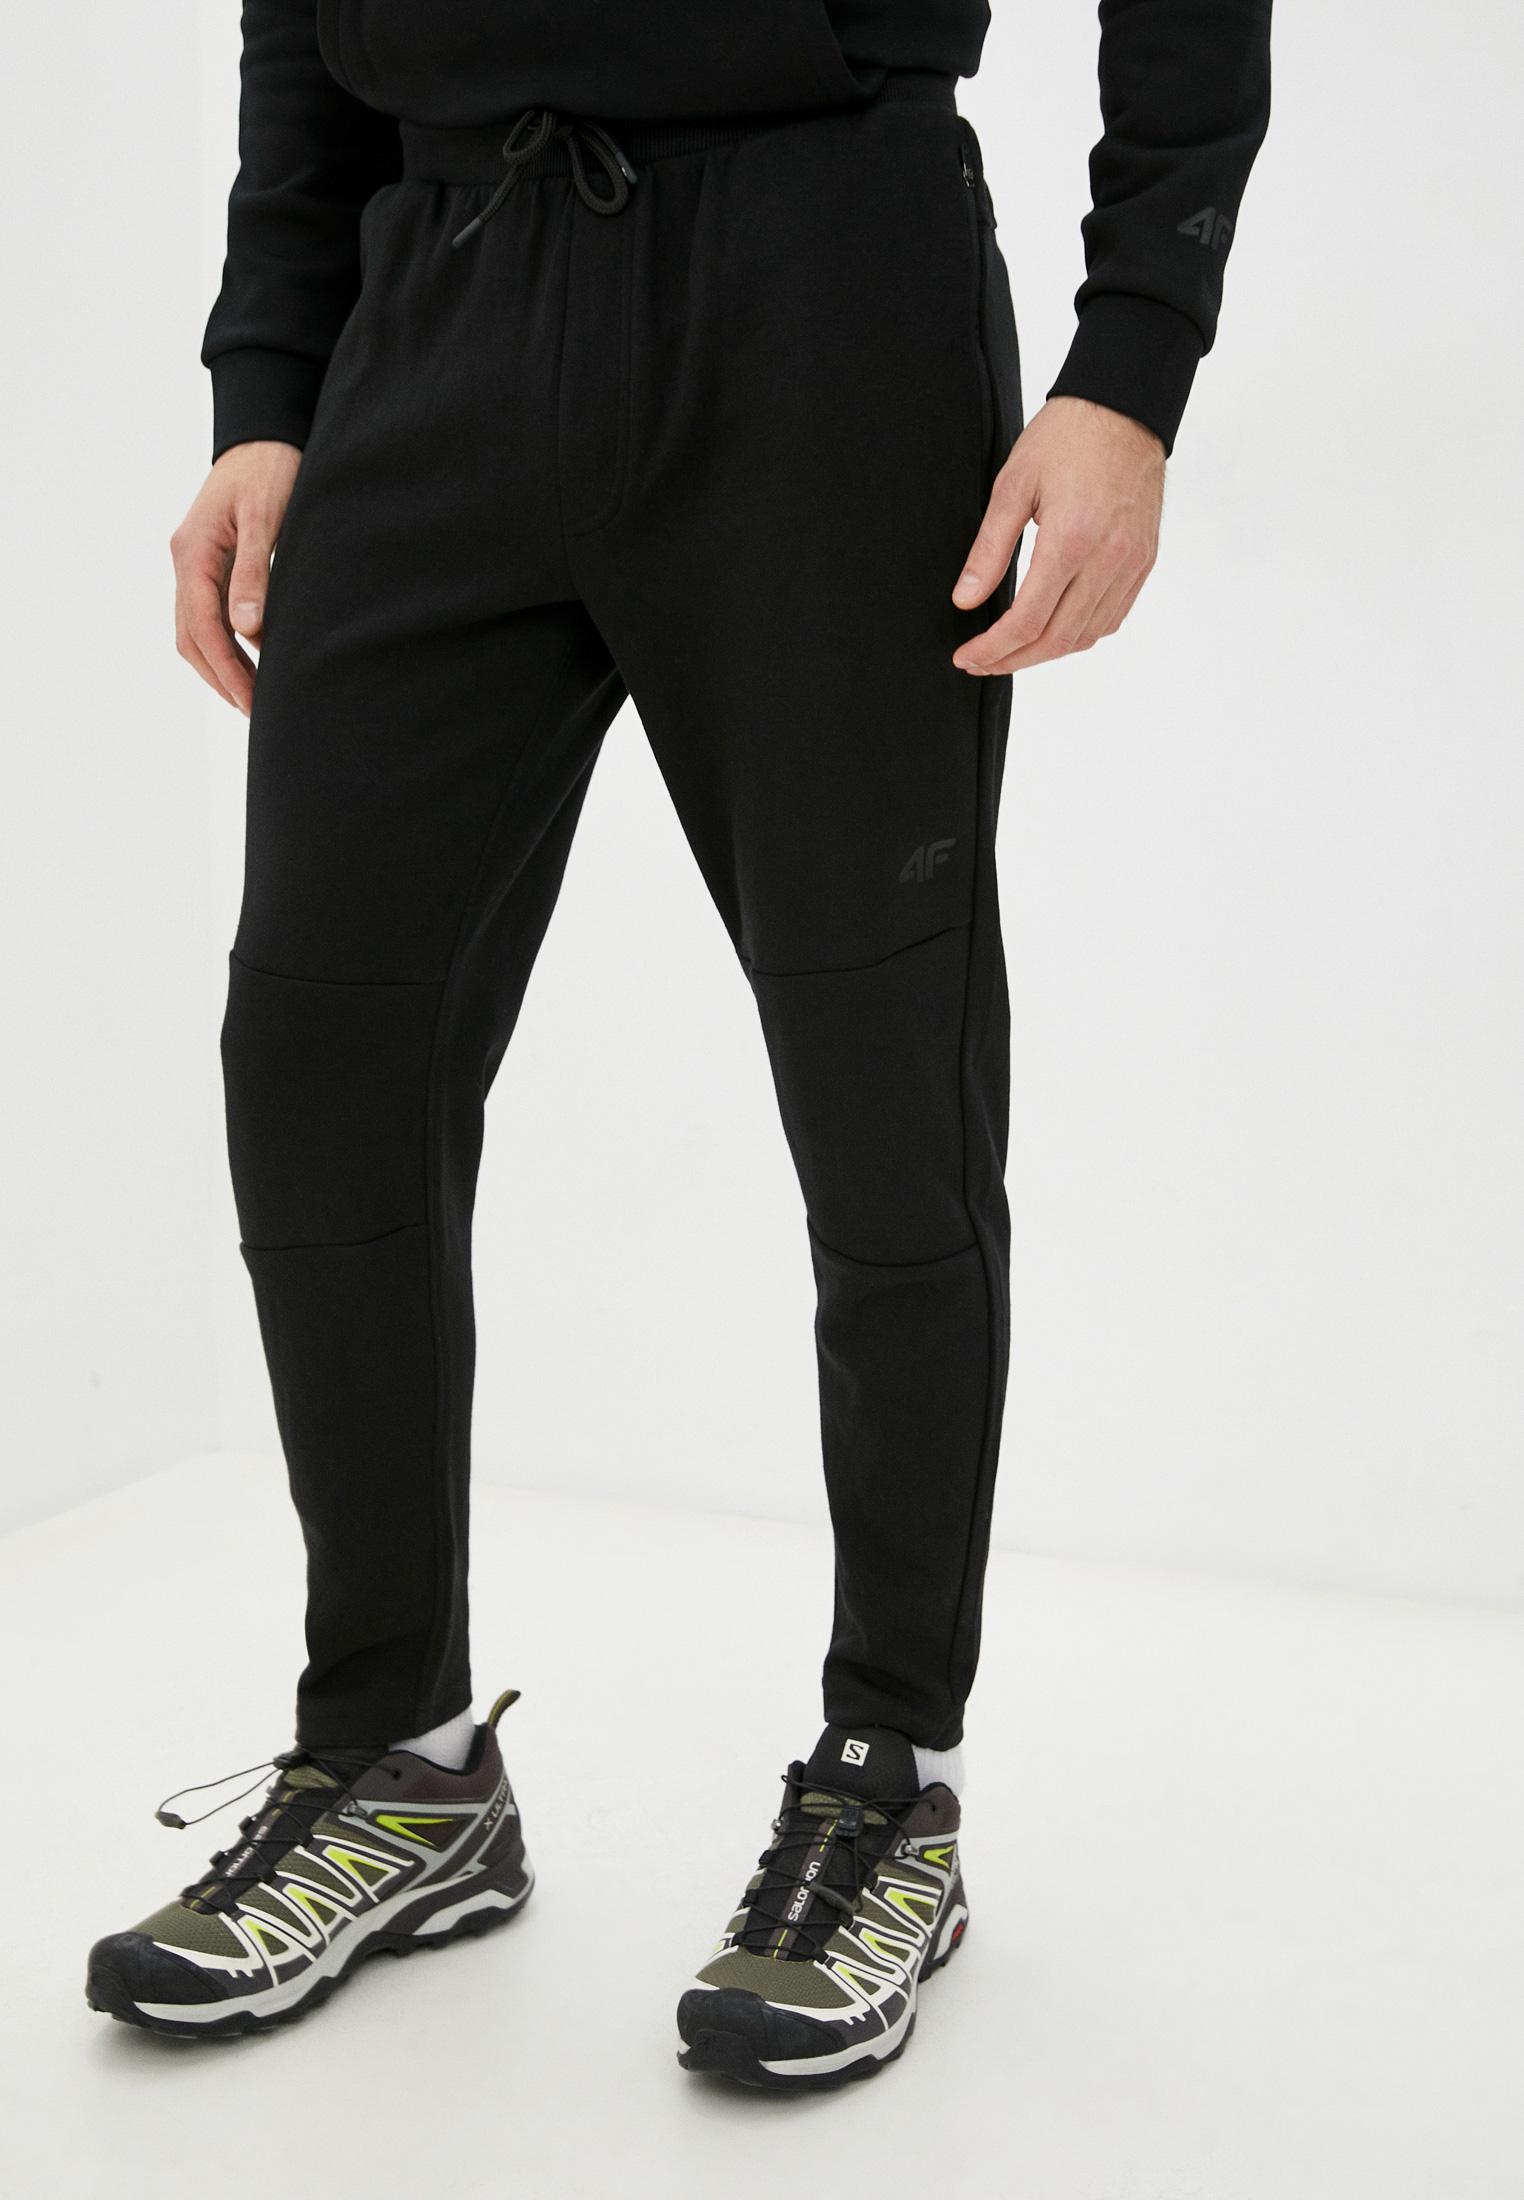 Мужские спортивные брюки 4F (4Ф) Брюки спортивные 4F